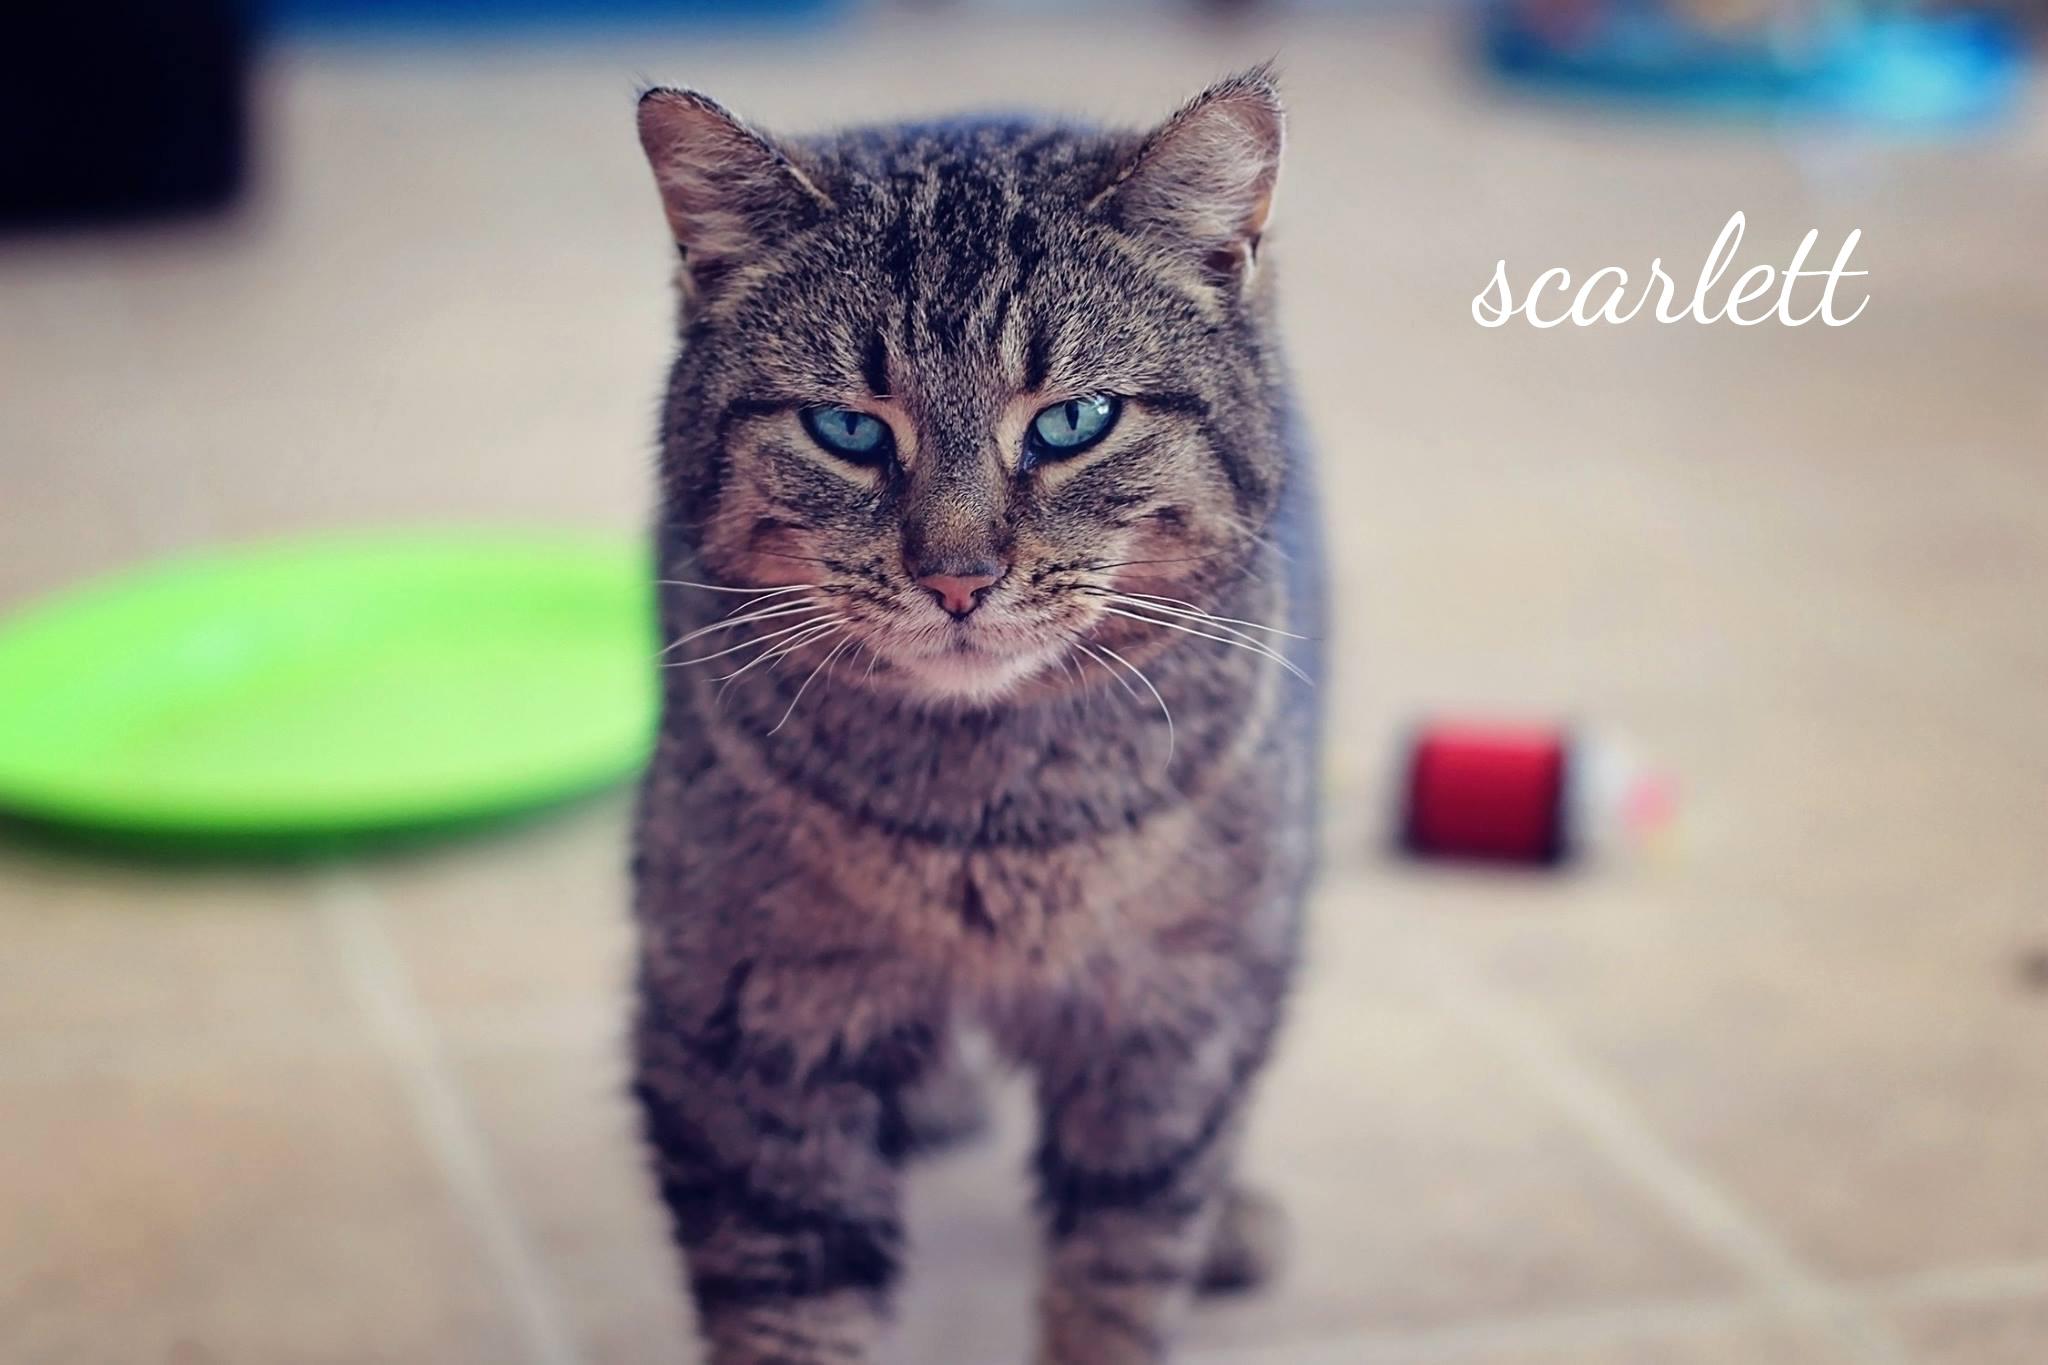 Scarlett3